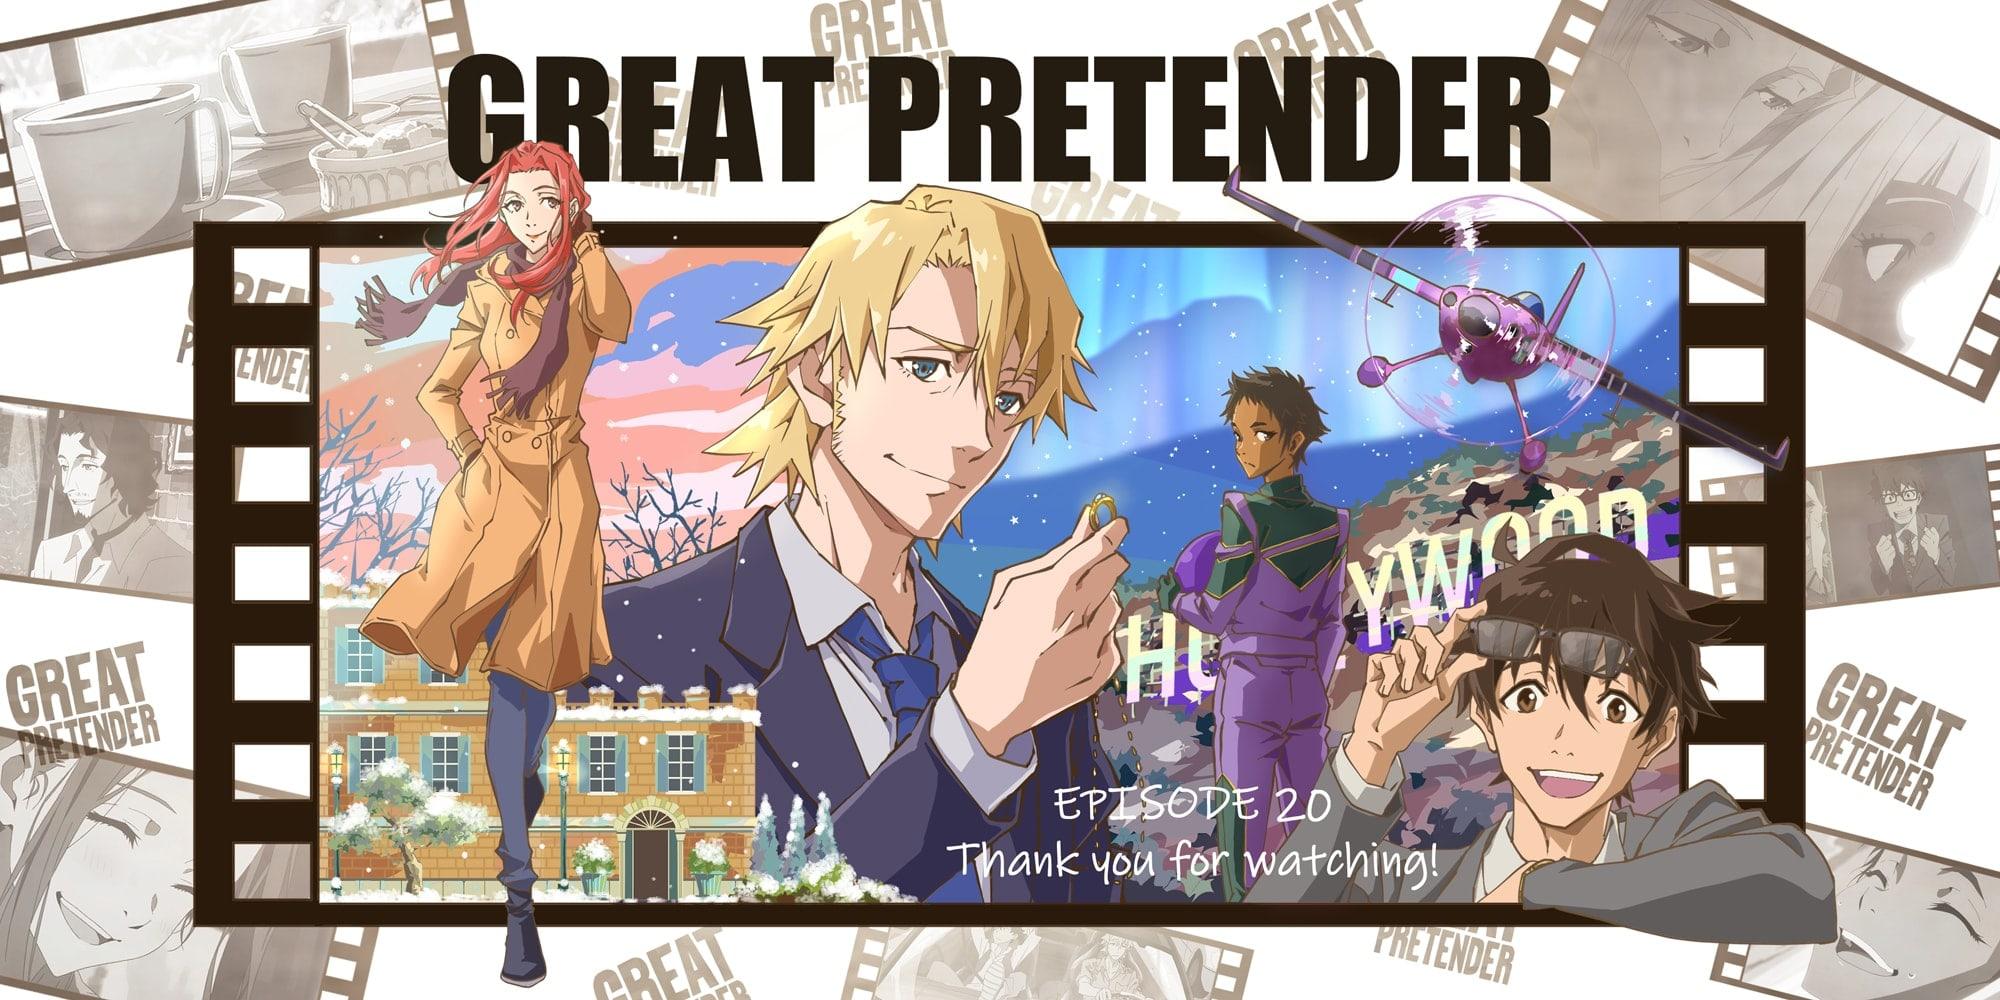 Os quatro personagens principais da esquerda para a direita: Cynthia, Laurent, Abigail e Makoto. Eles estão dentro de um quadro com uma moldura de filme e suas aventuras como painel de fundo para a foto